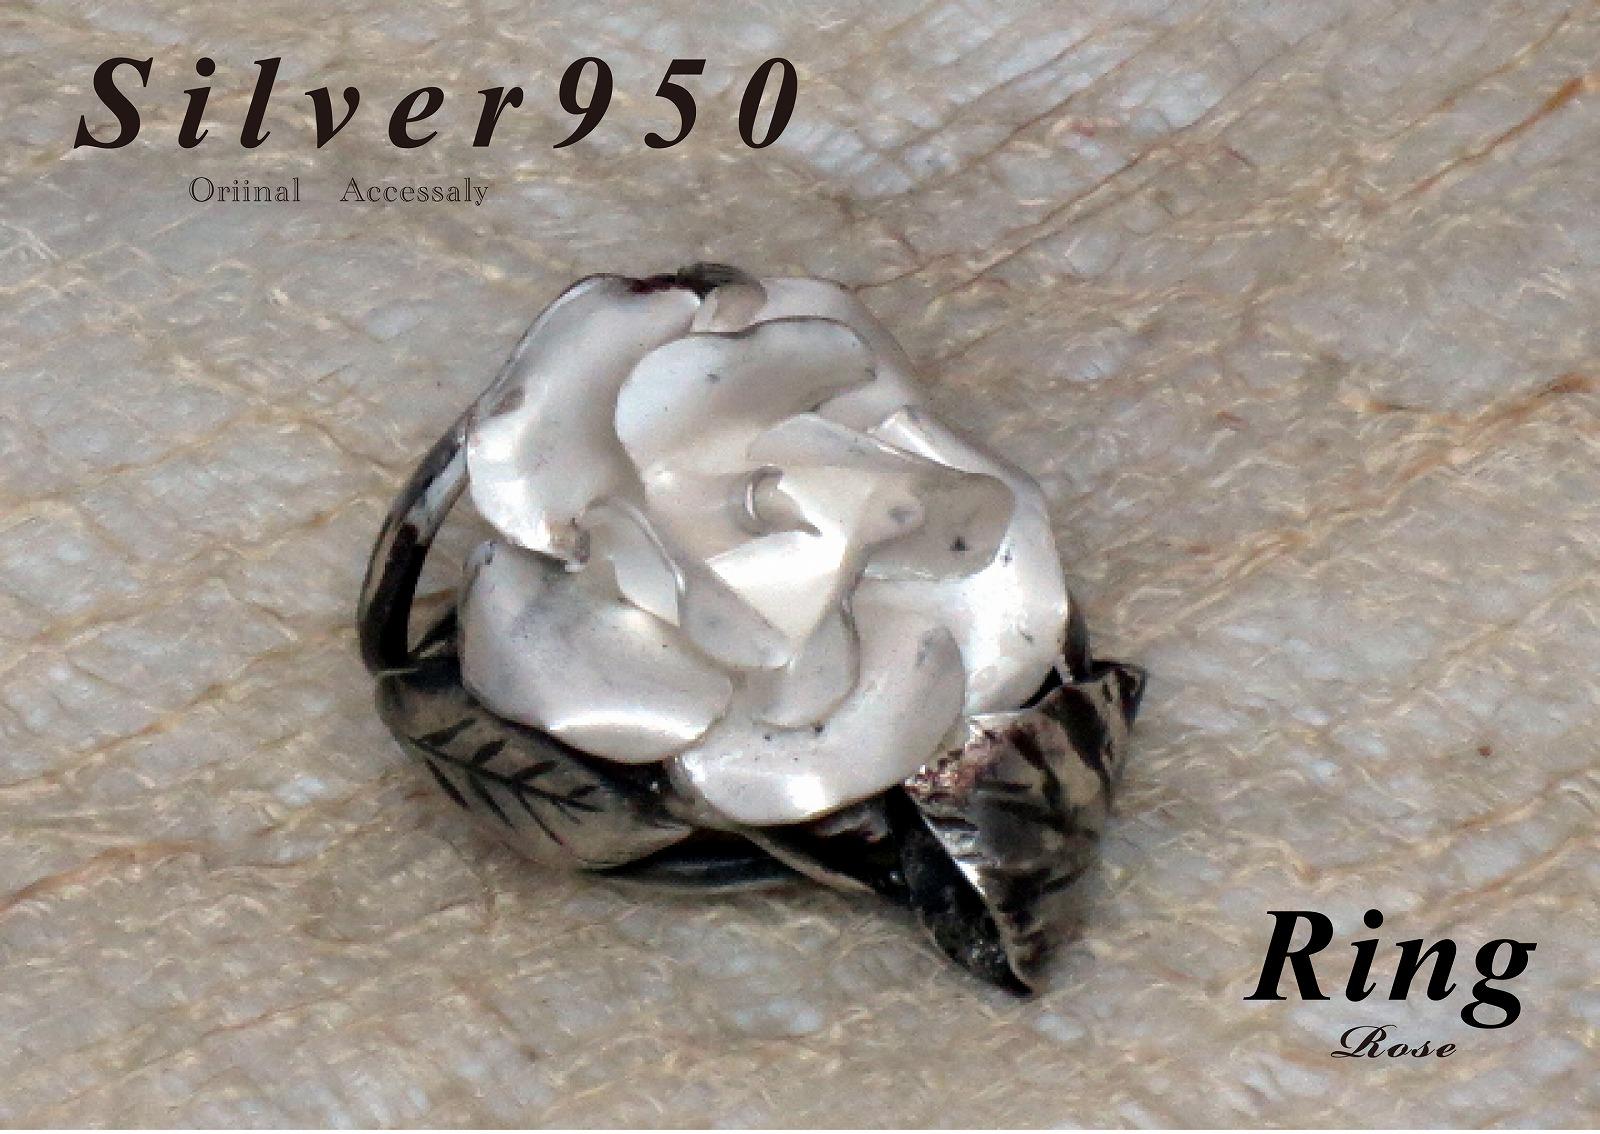 当店オリジナル 一点もの【送料無料】彫金 シルバー950バラのリング【アクセサリー シルバー 一点物 誕生日 プレゼント 贈り物】